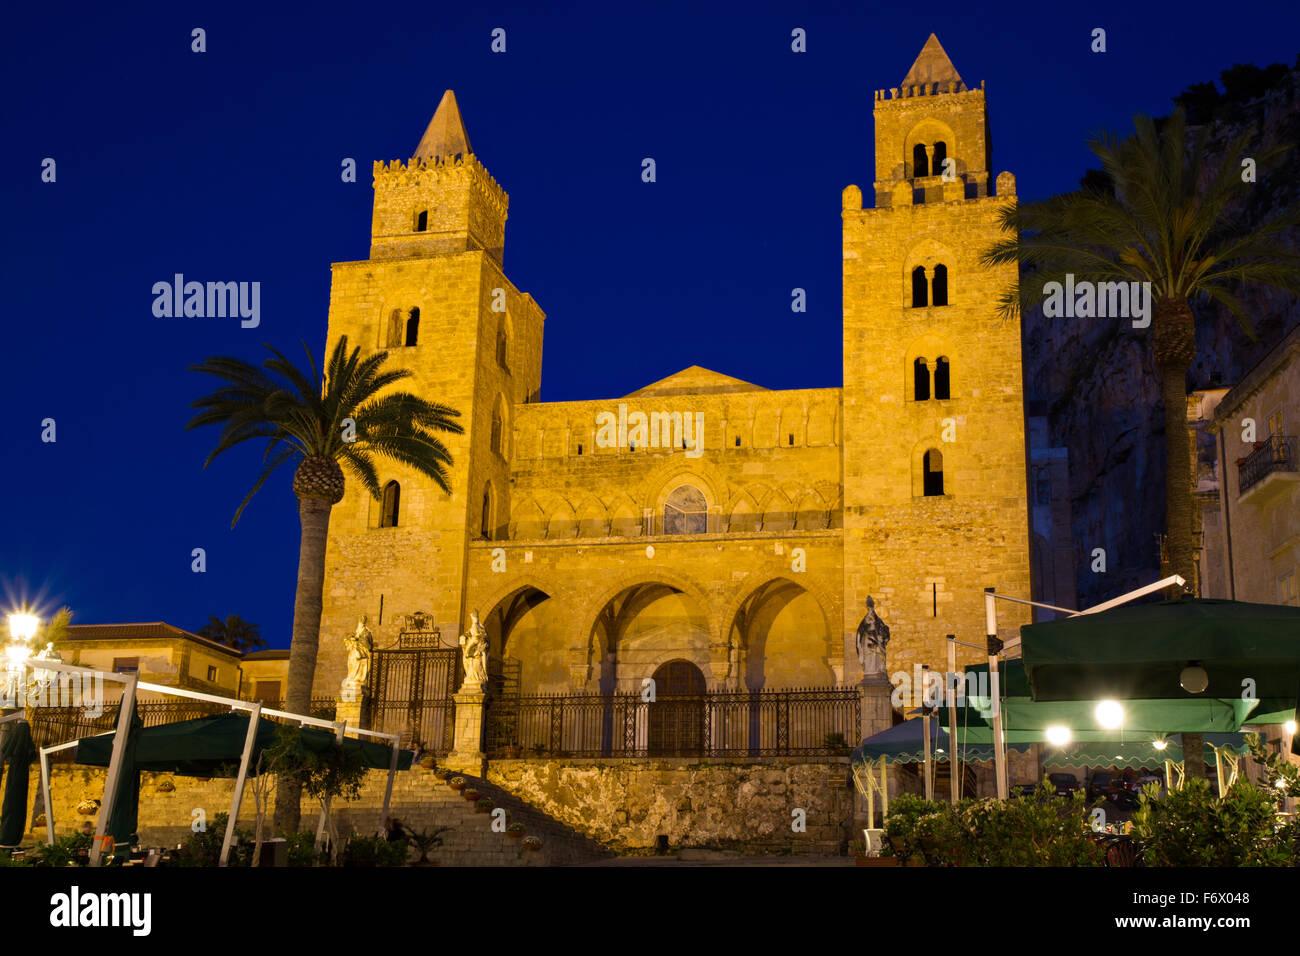 Cattedrale di Cefalù durante il crepuscolo, Siciliy, Italia Immagini Stock